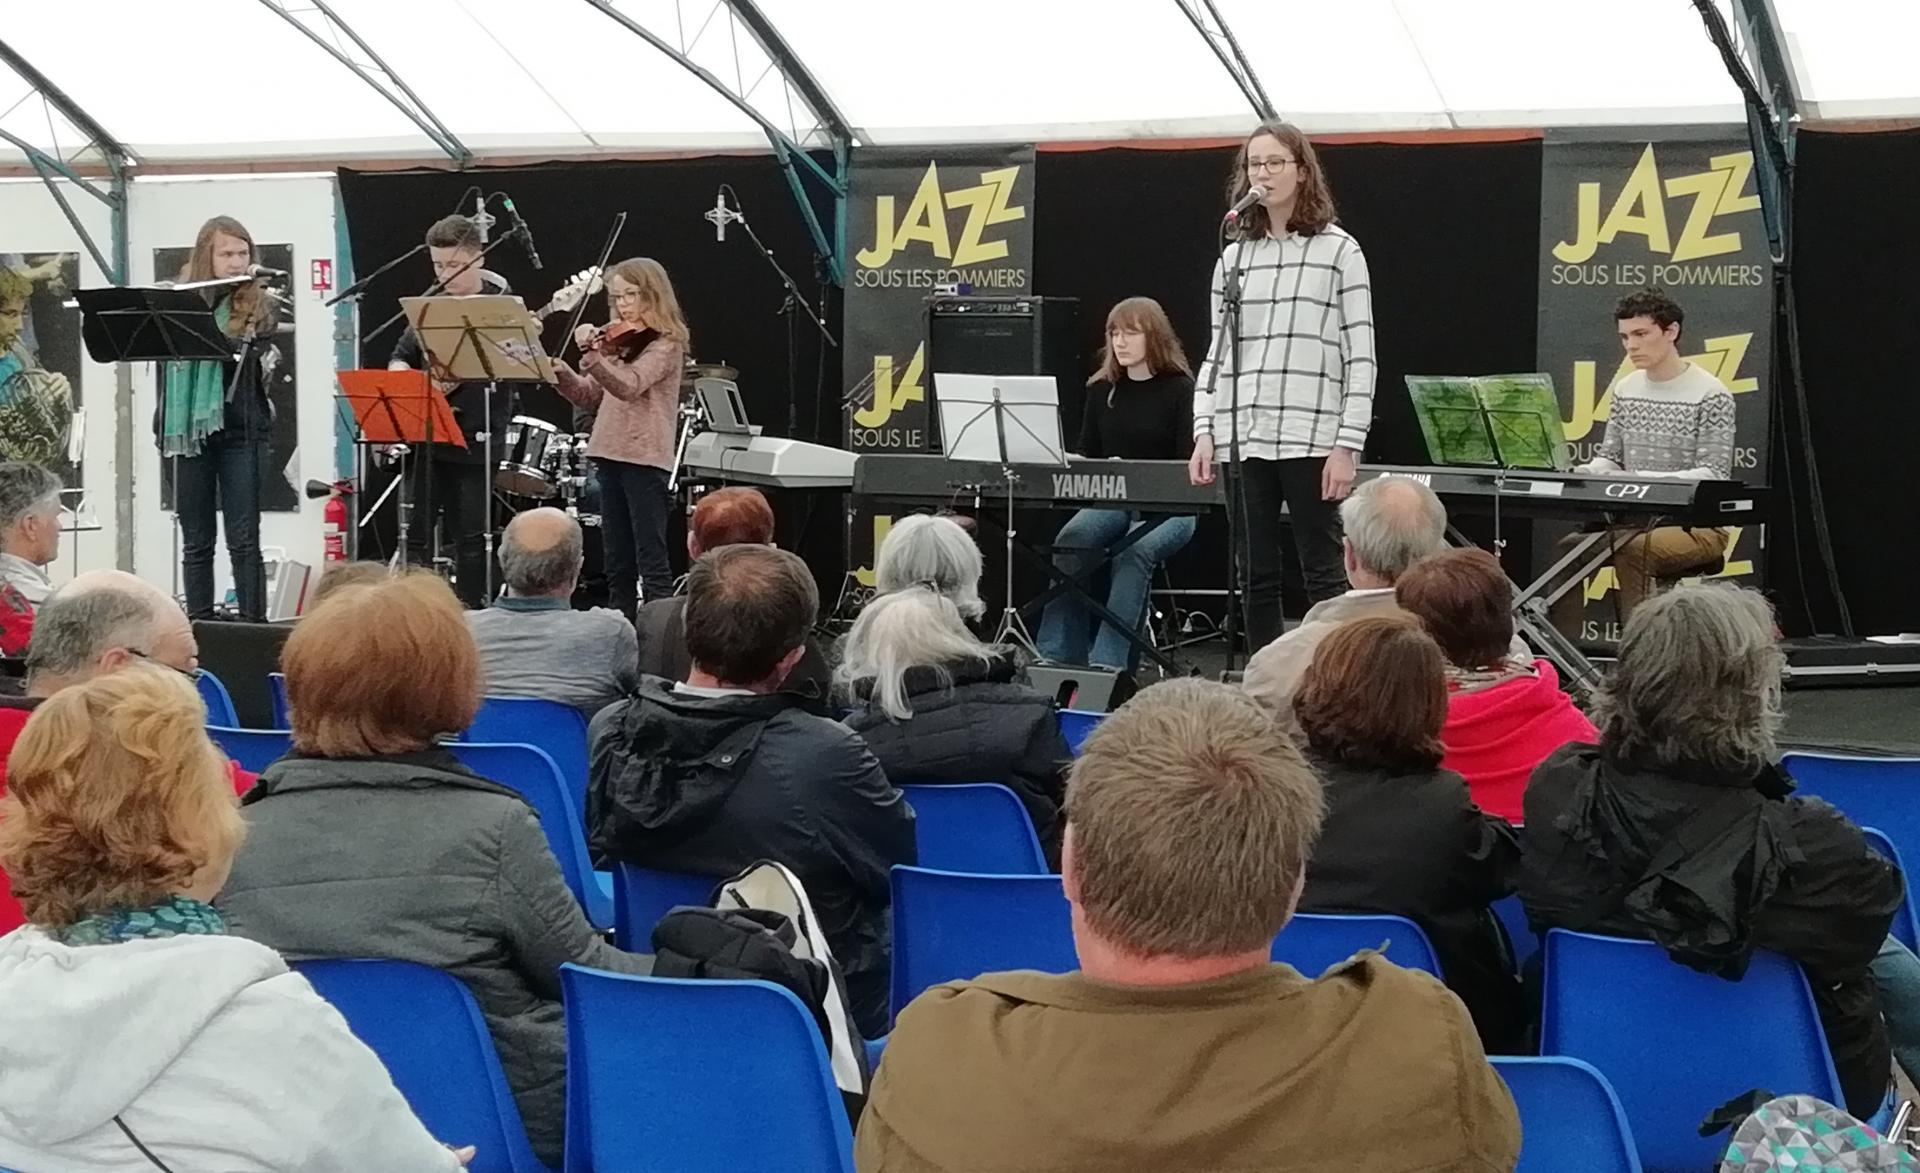 Festival Jazz sous les Pommiers mai 2018